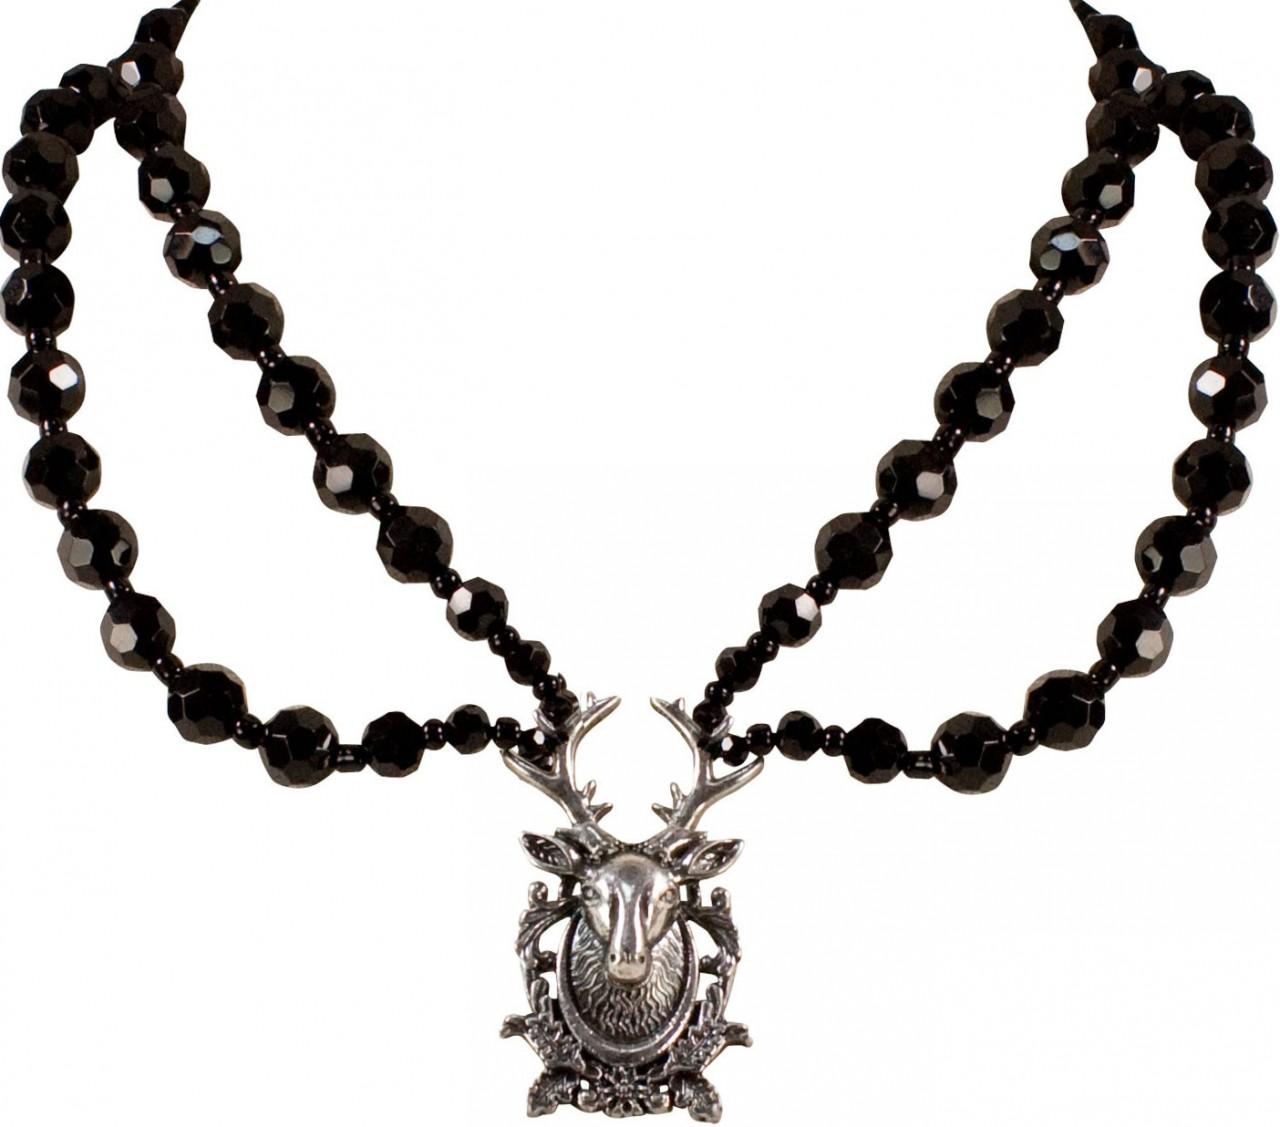 Perlenhalskette Hirschkopf schwarz